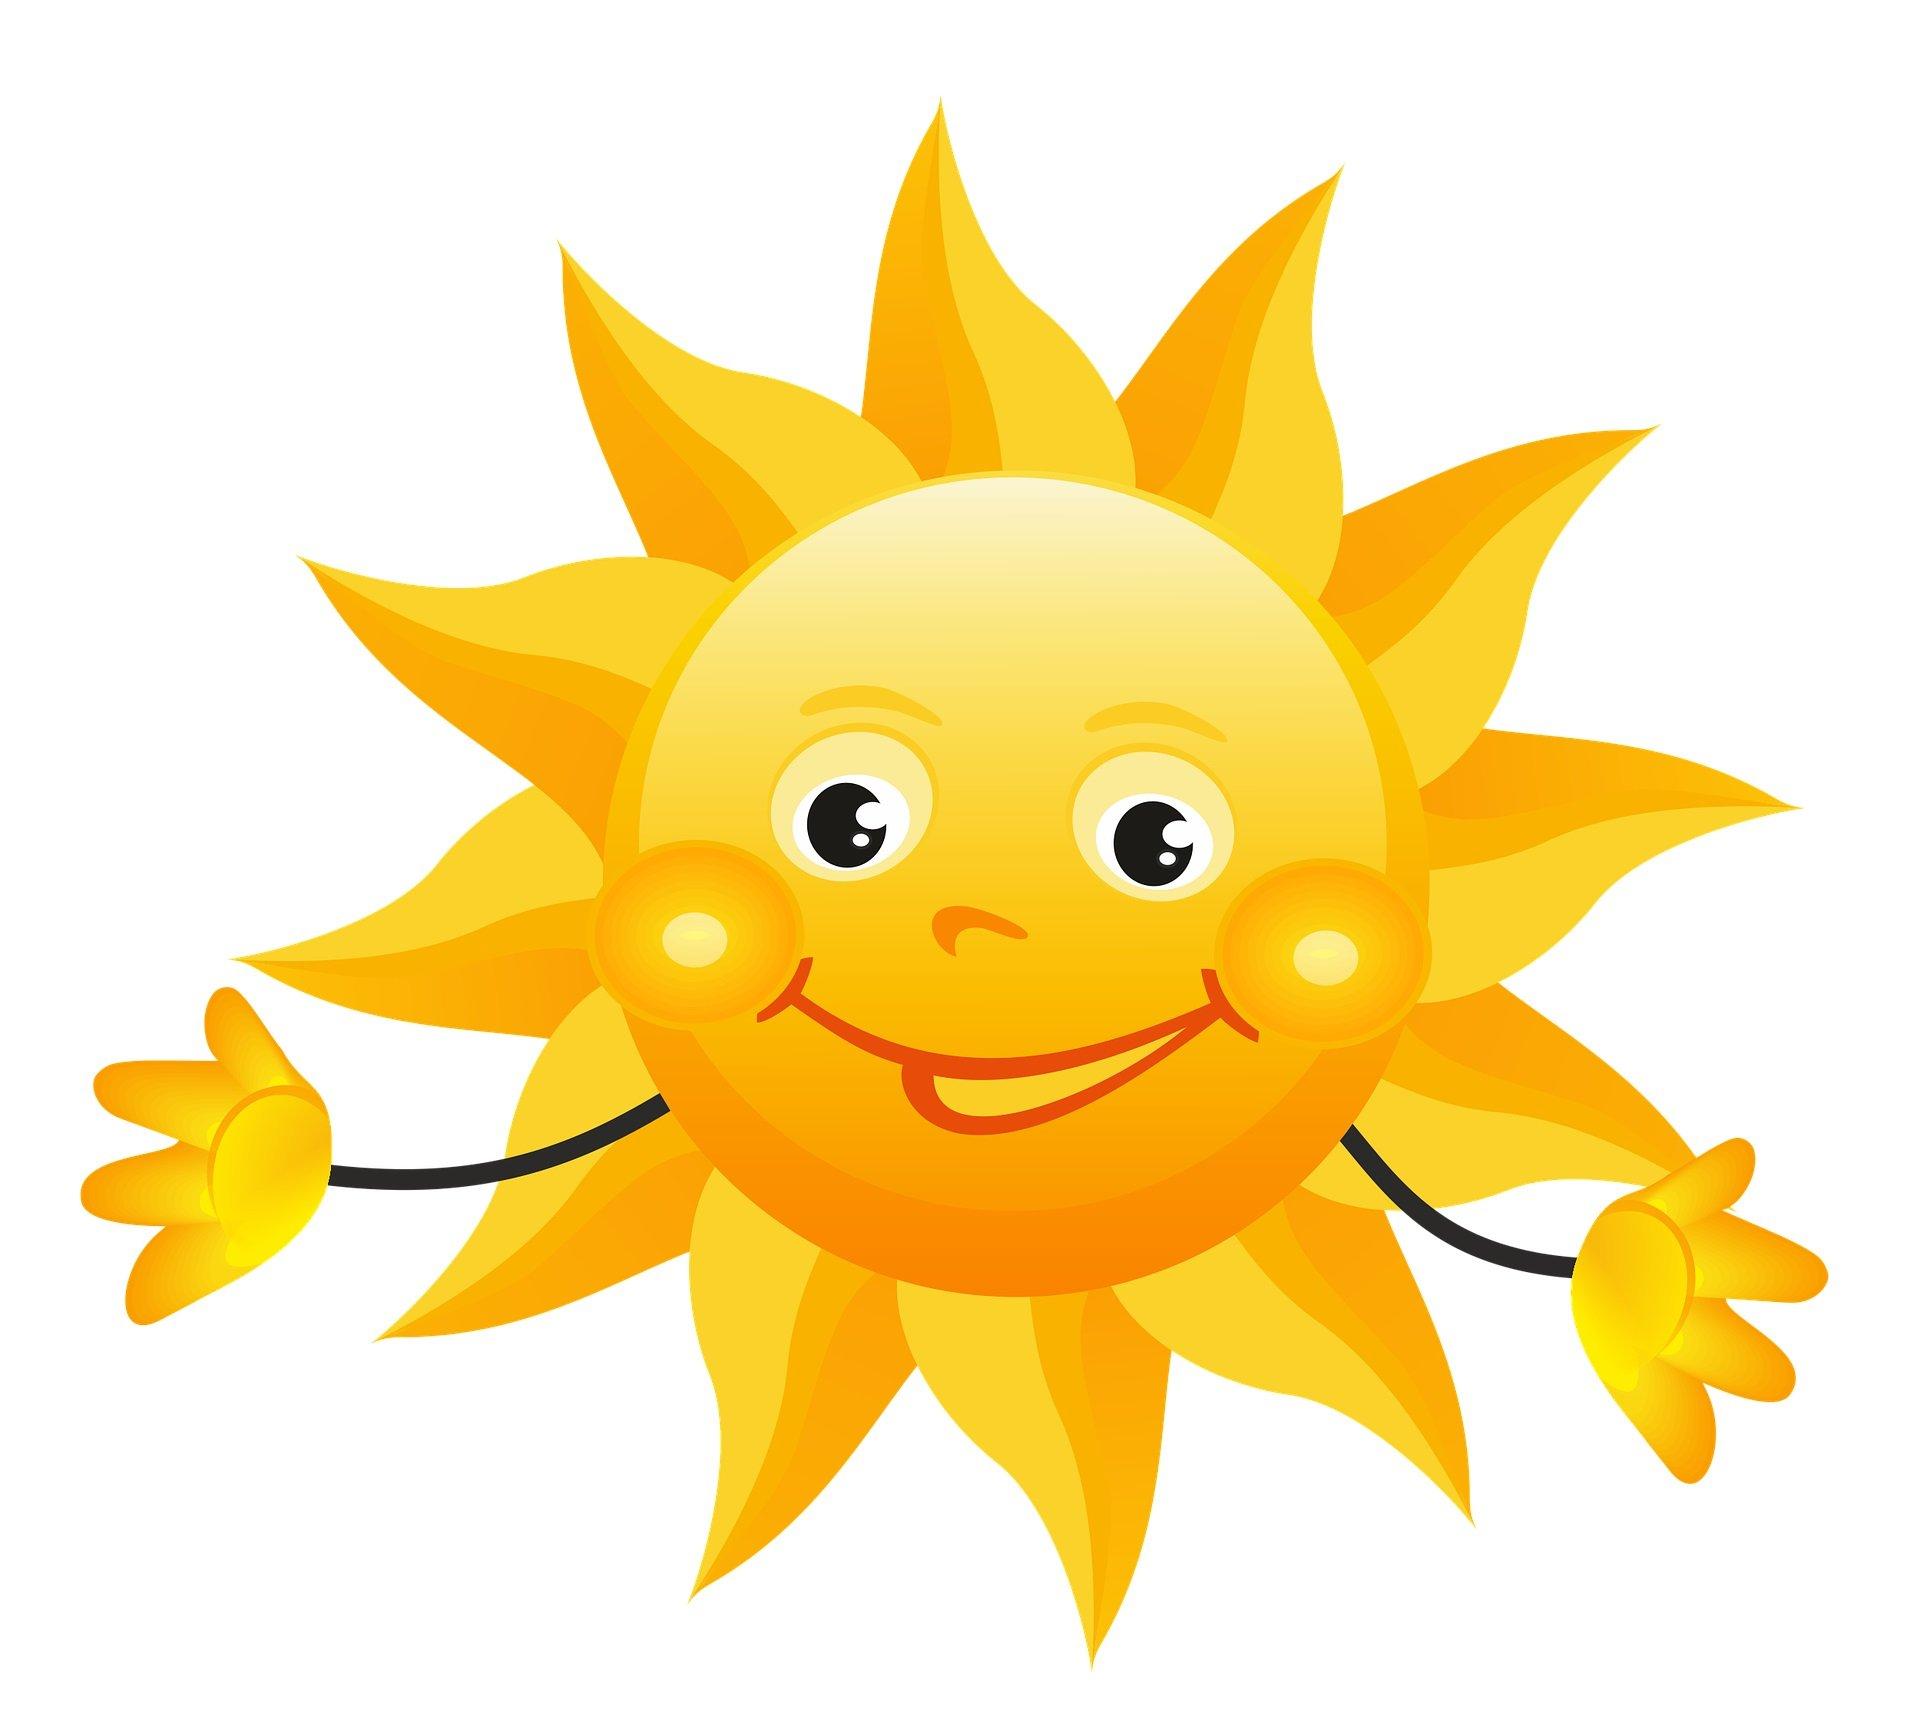 Słoneczko późno dzisiaj wstało, piosenka dla dzieci, tekst i melodia